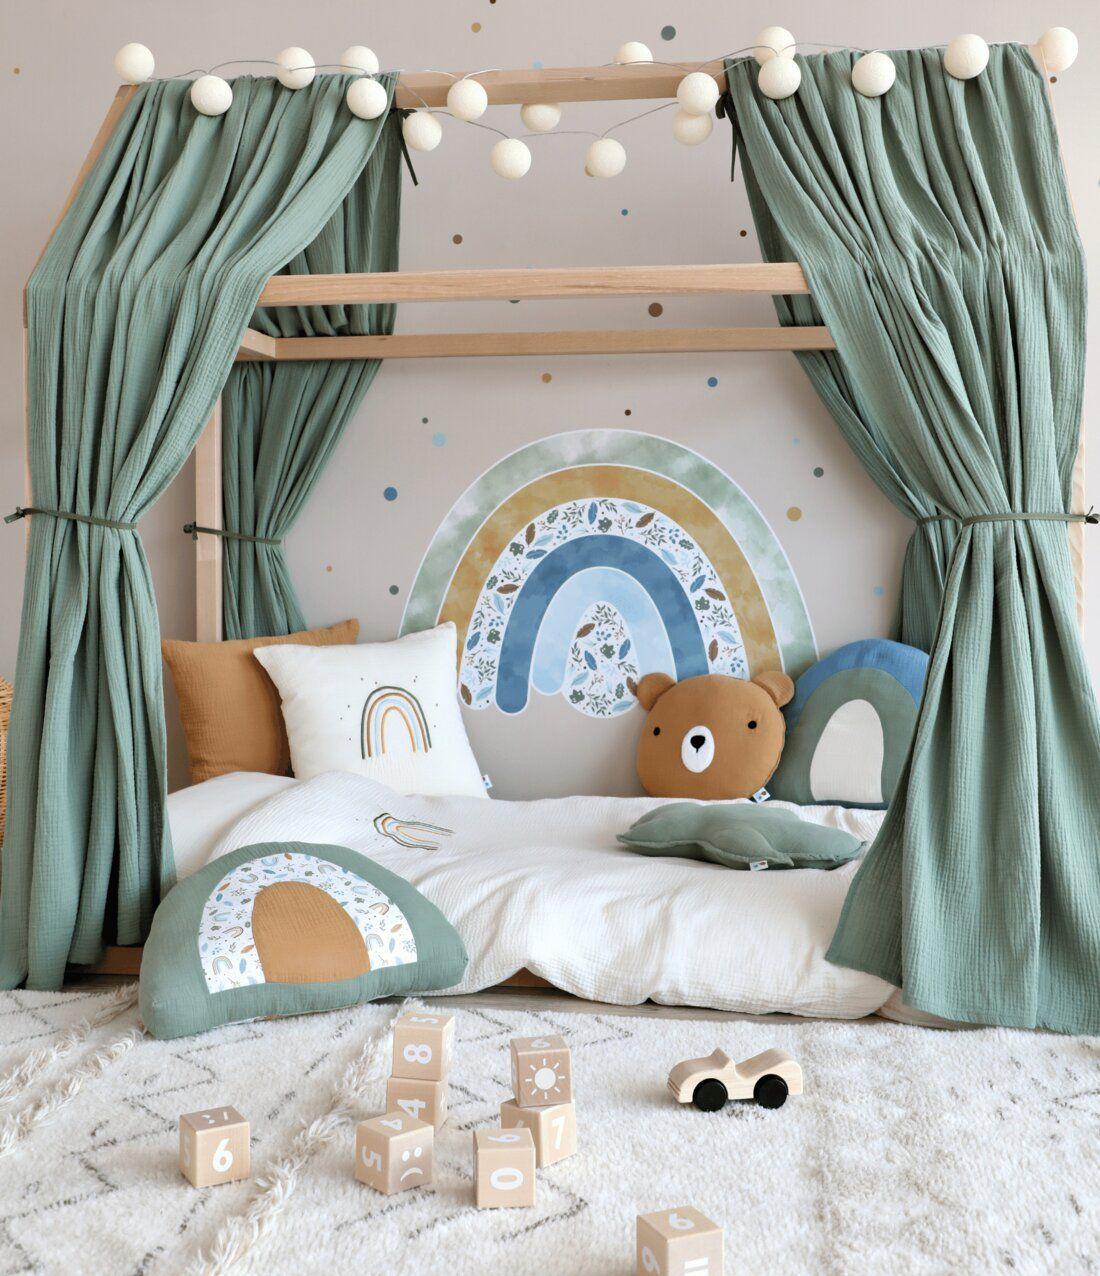 Kinderzimmer mit Hausbett & Regenbogen Deko bei Fantasyroom online kaufen